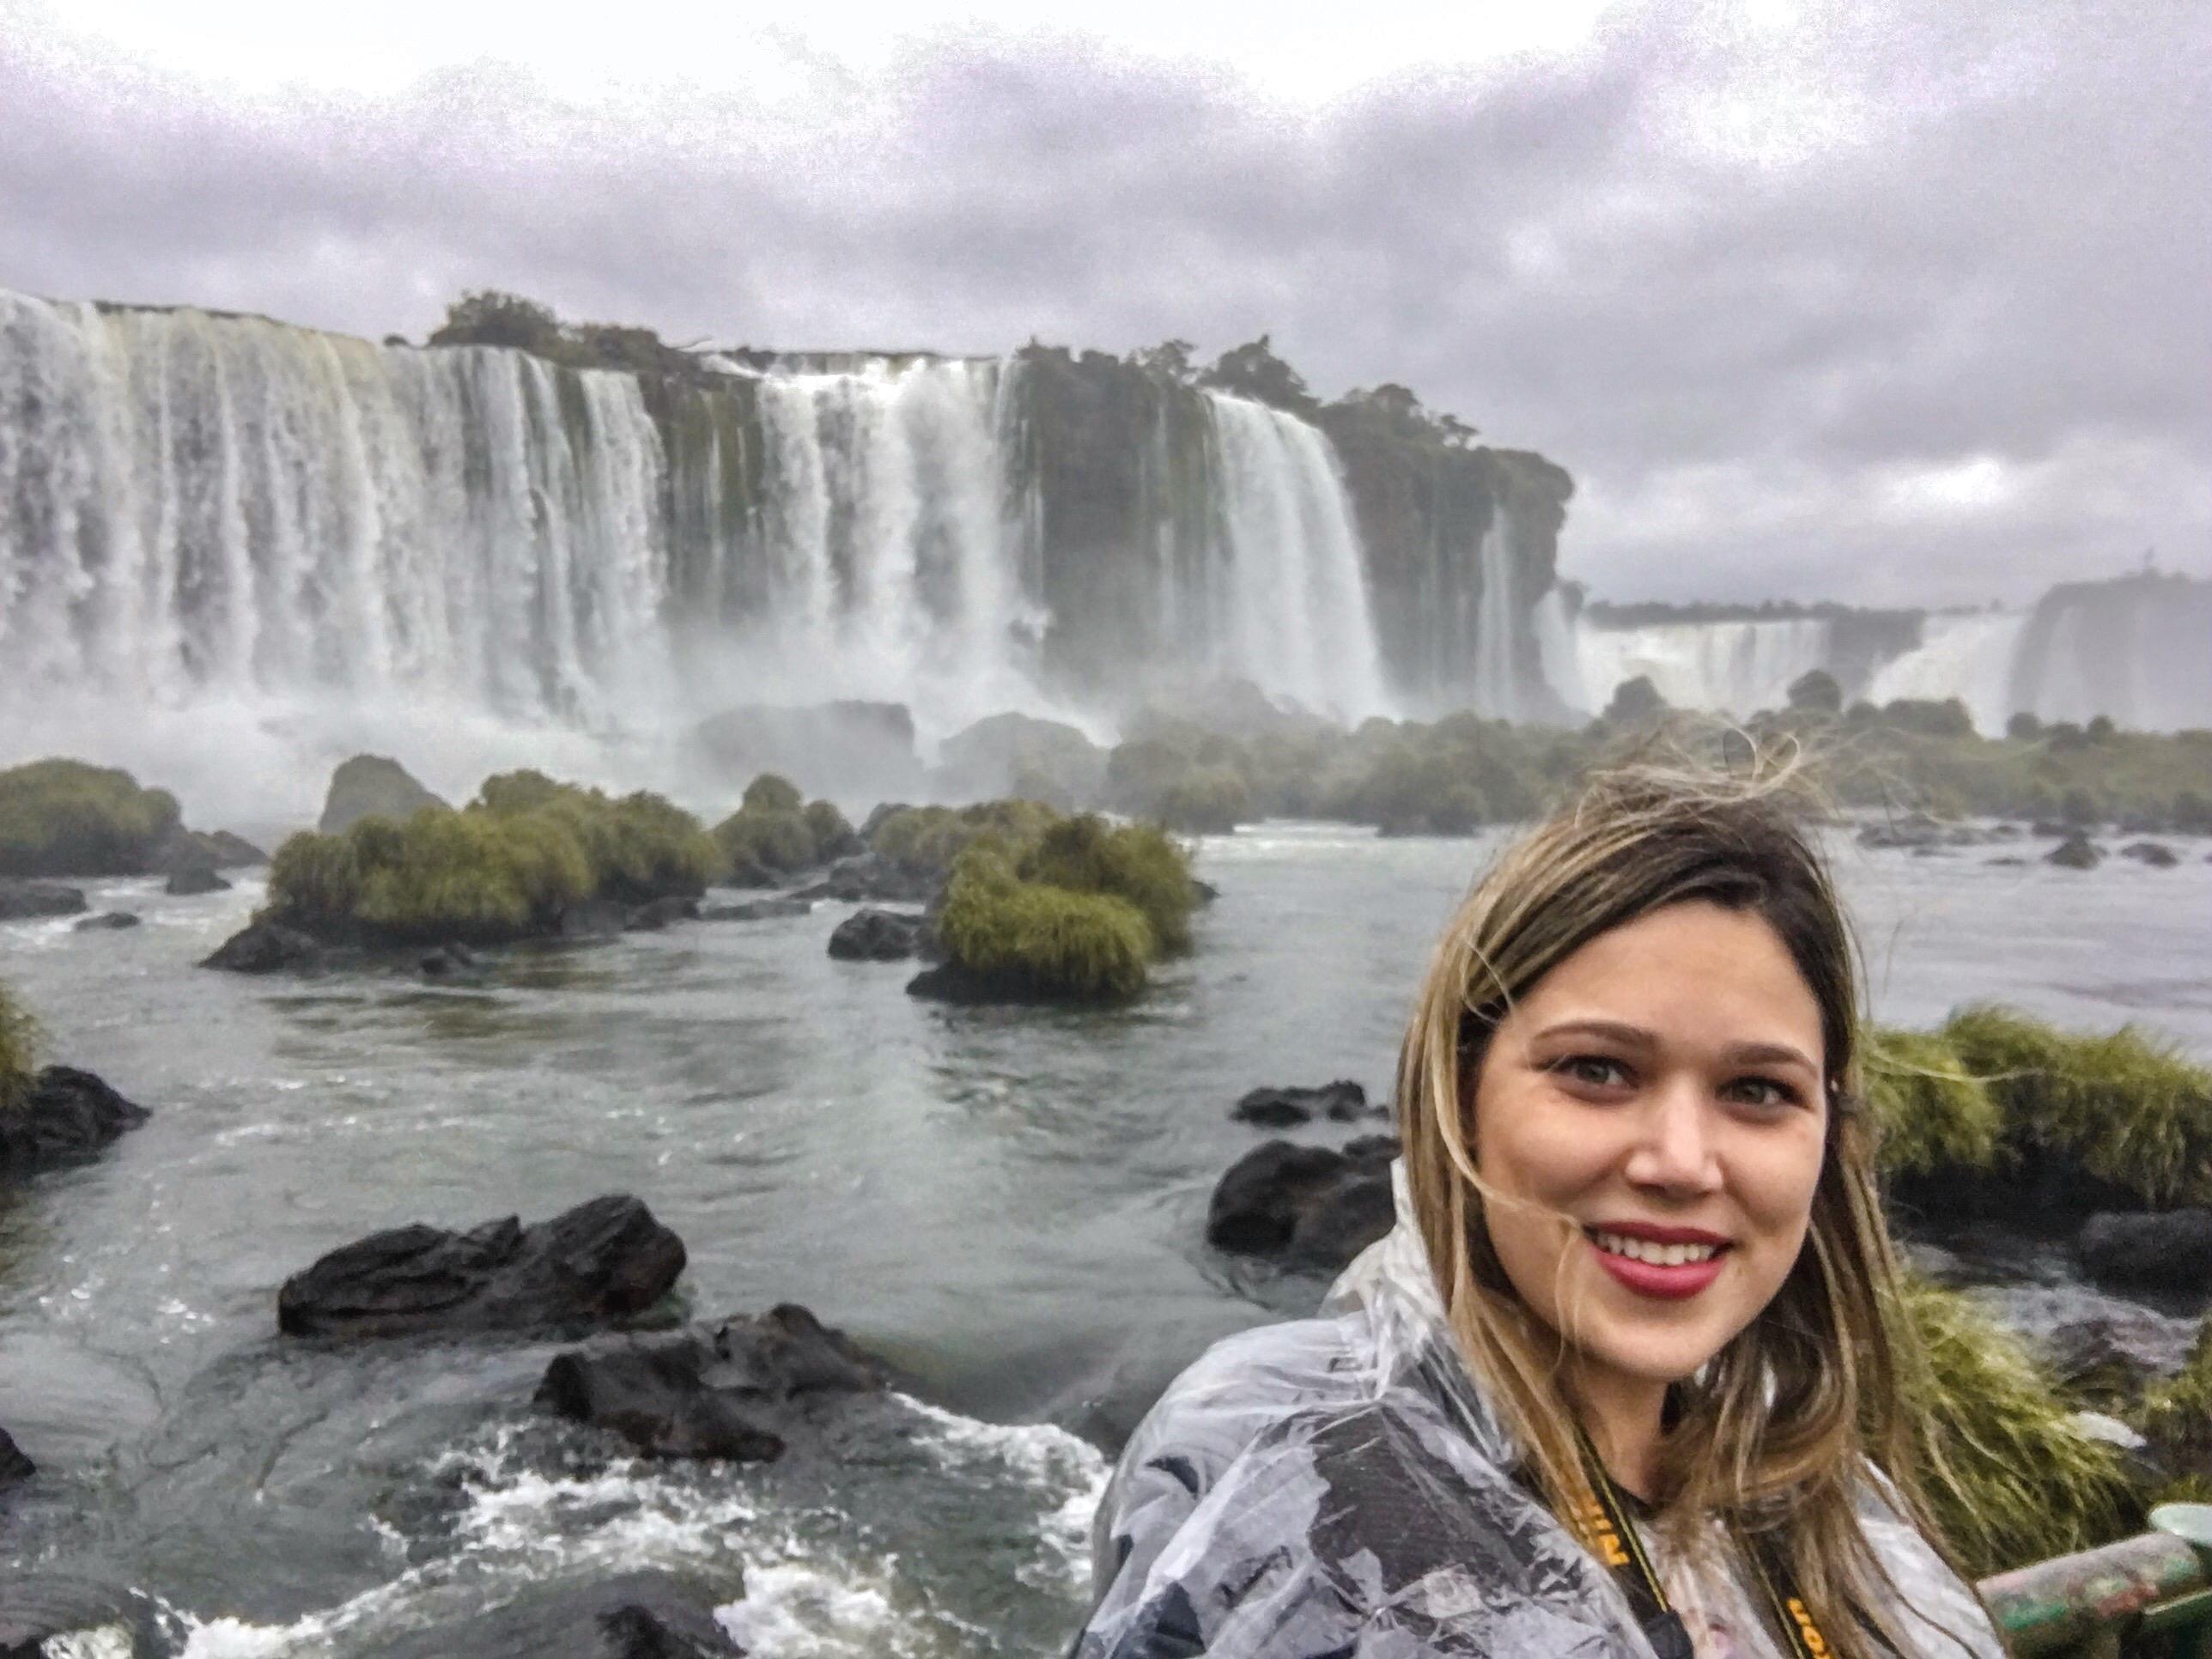 Vista das principais quedas d'água das Cataratas do Iguaçu